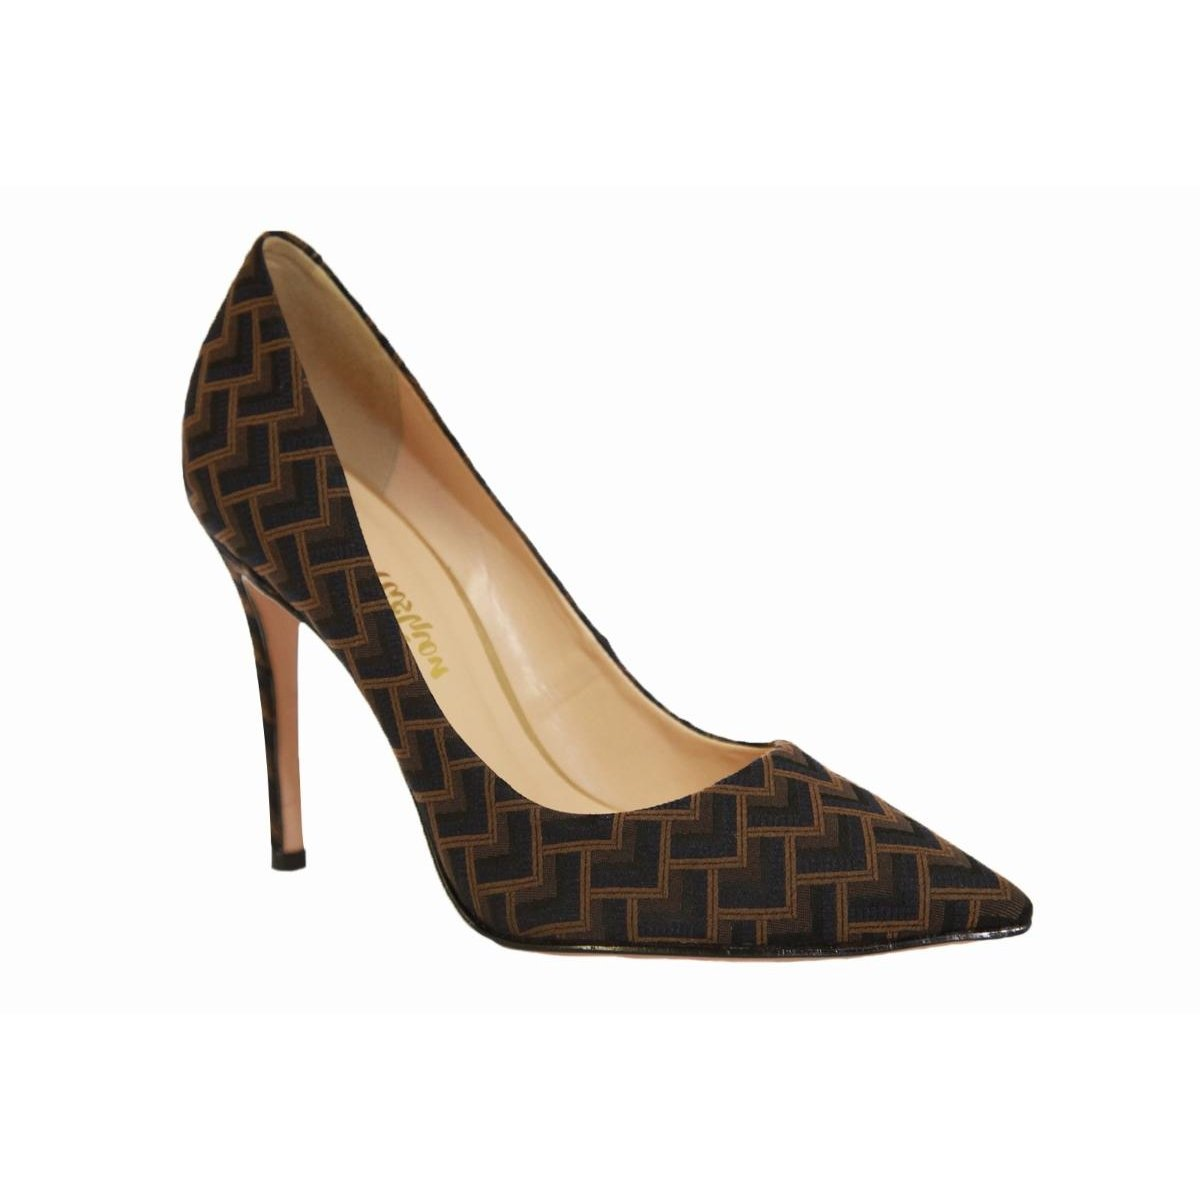 Alto Conceito Scarpin Fashion Geométrico Tecido Salto Conceito Fashion Scarpin Salto Alto Marrom qTTxF8